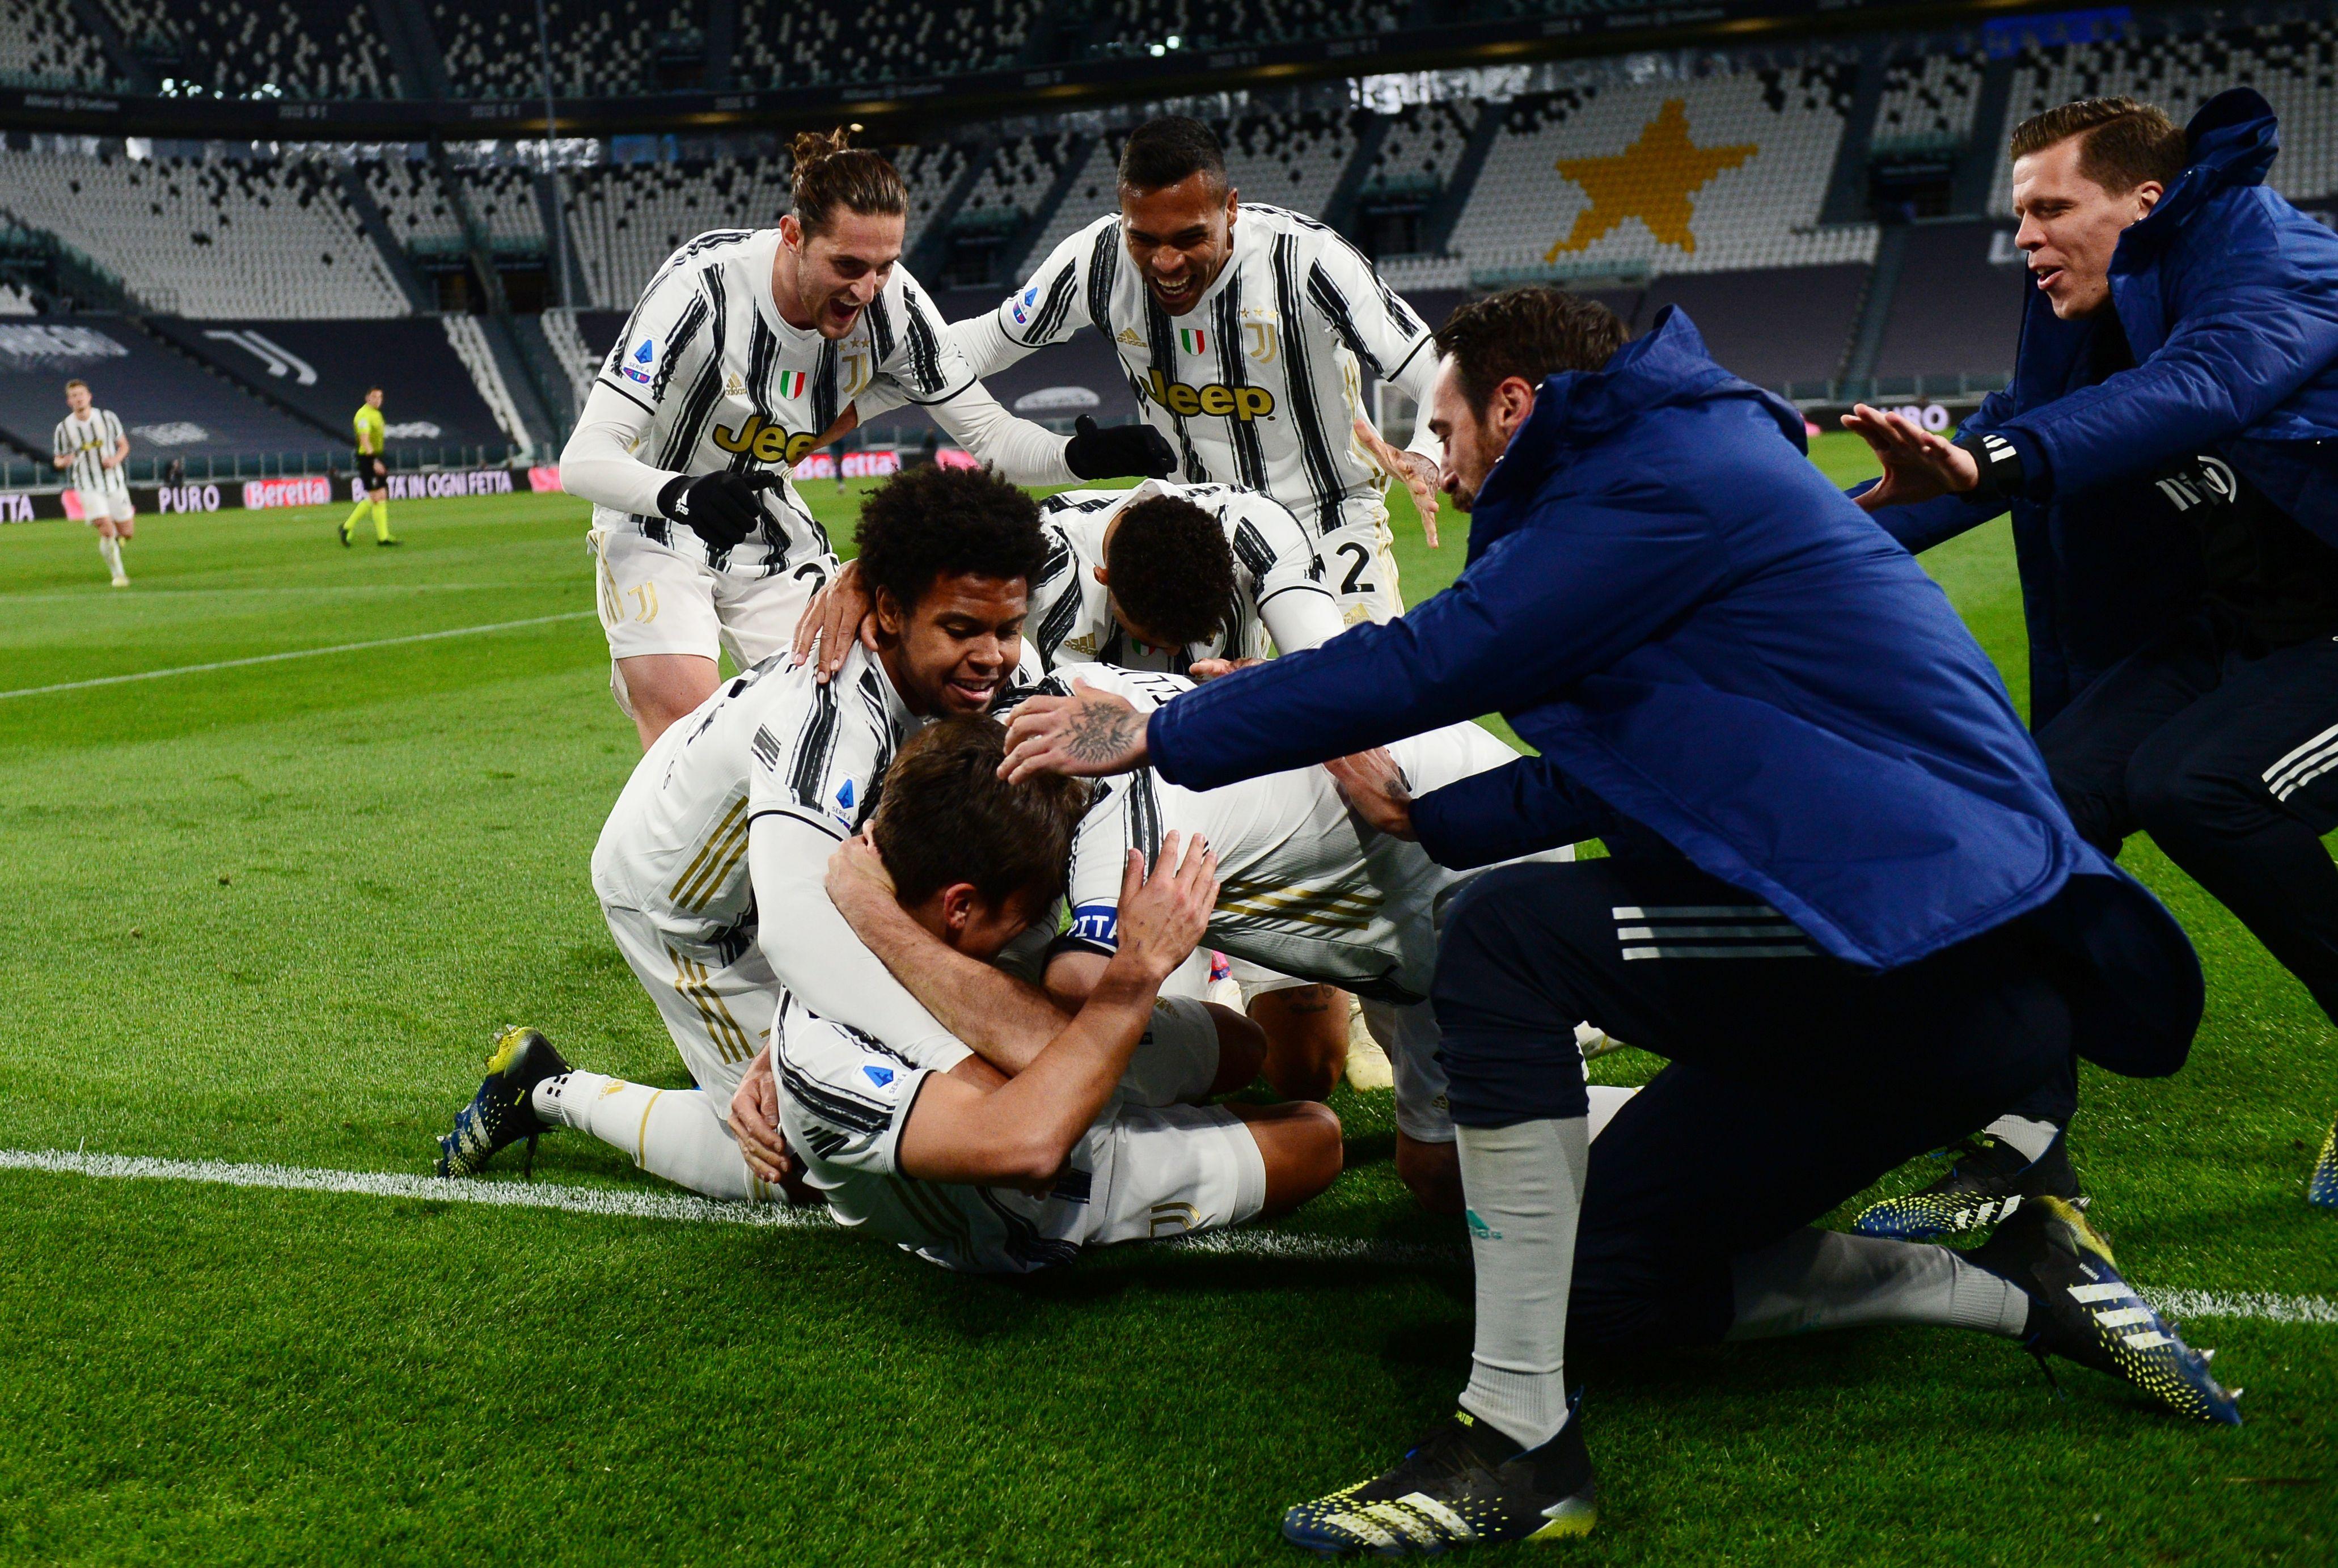 Compañeros dentro y fuera del campo corren a abrazar a Paulo Dybala luego de anotar el 2-0 (Foto: Reuters)